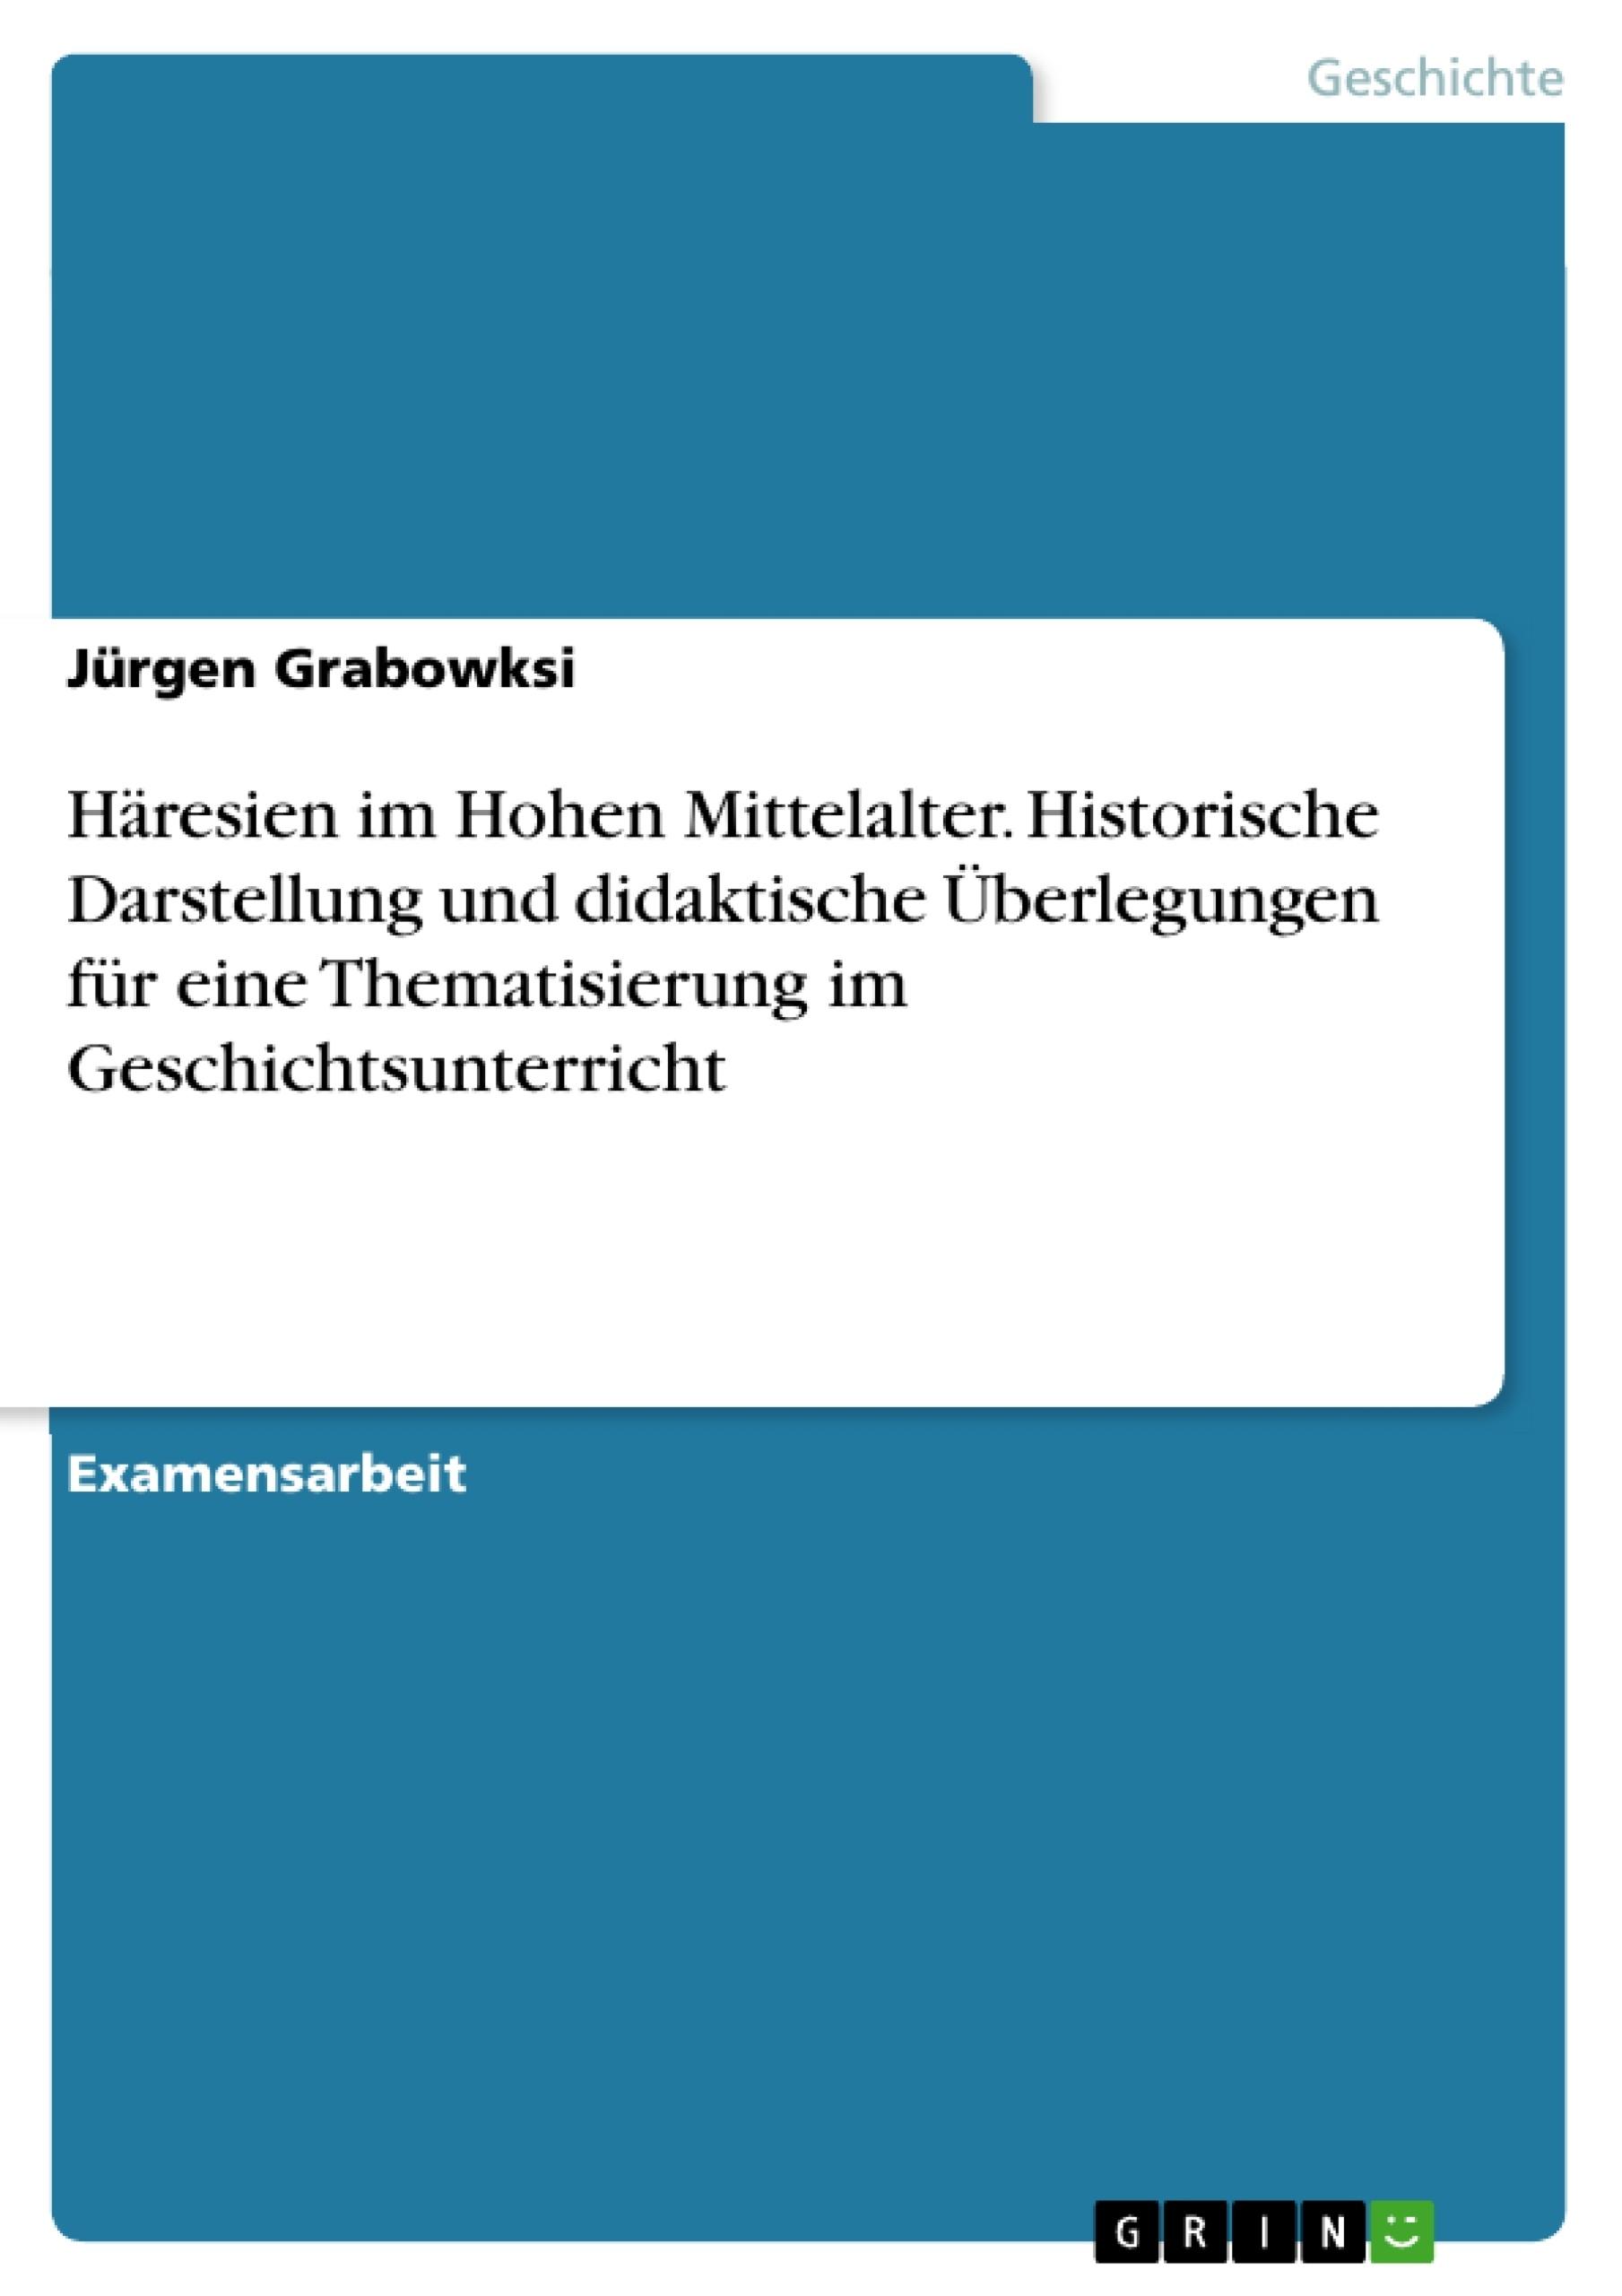 Titel: Häresien im Hohen Mittelalter. Historische Darstellung und didaktische Überlegungen für eine Thematisierung im Geschichtsunterricht